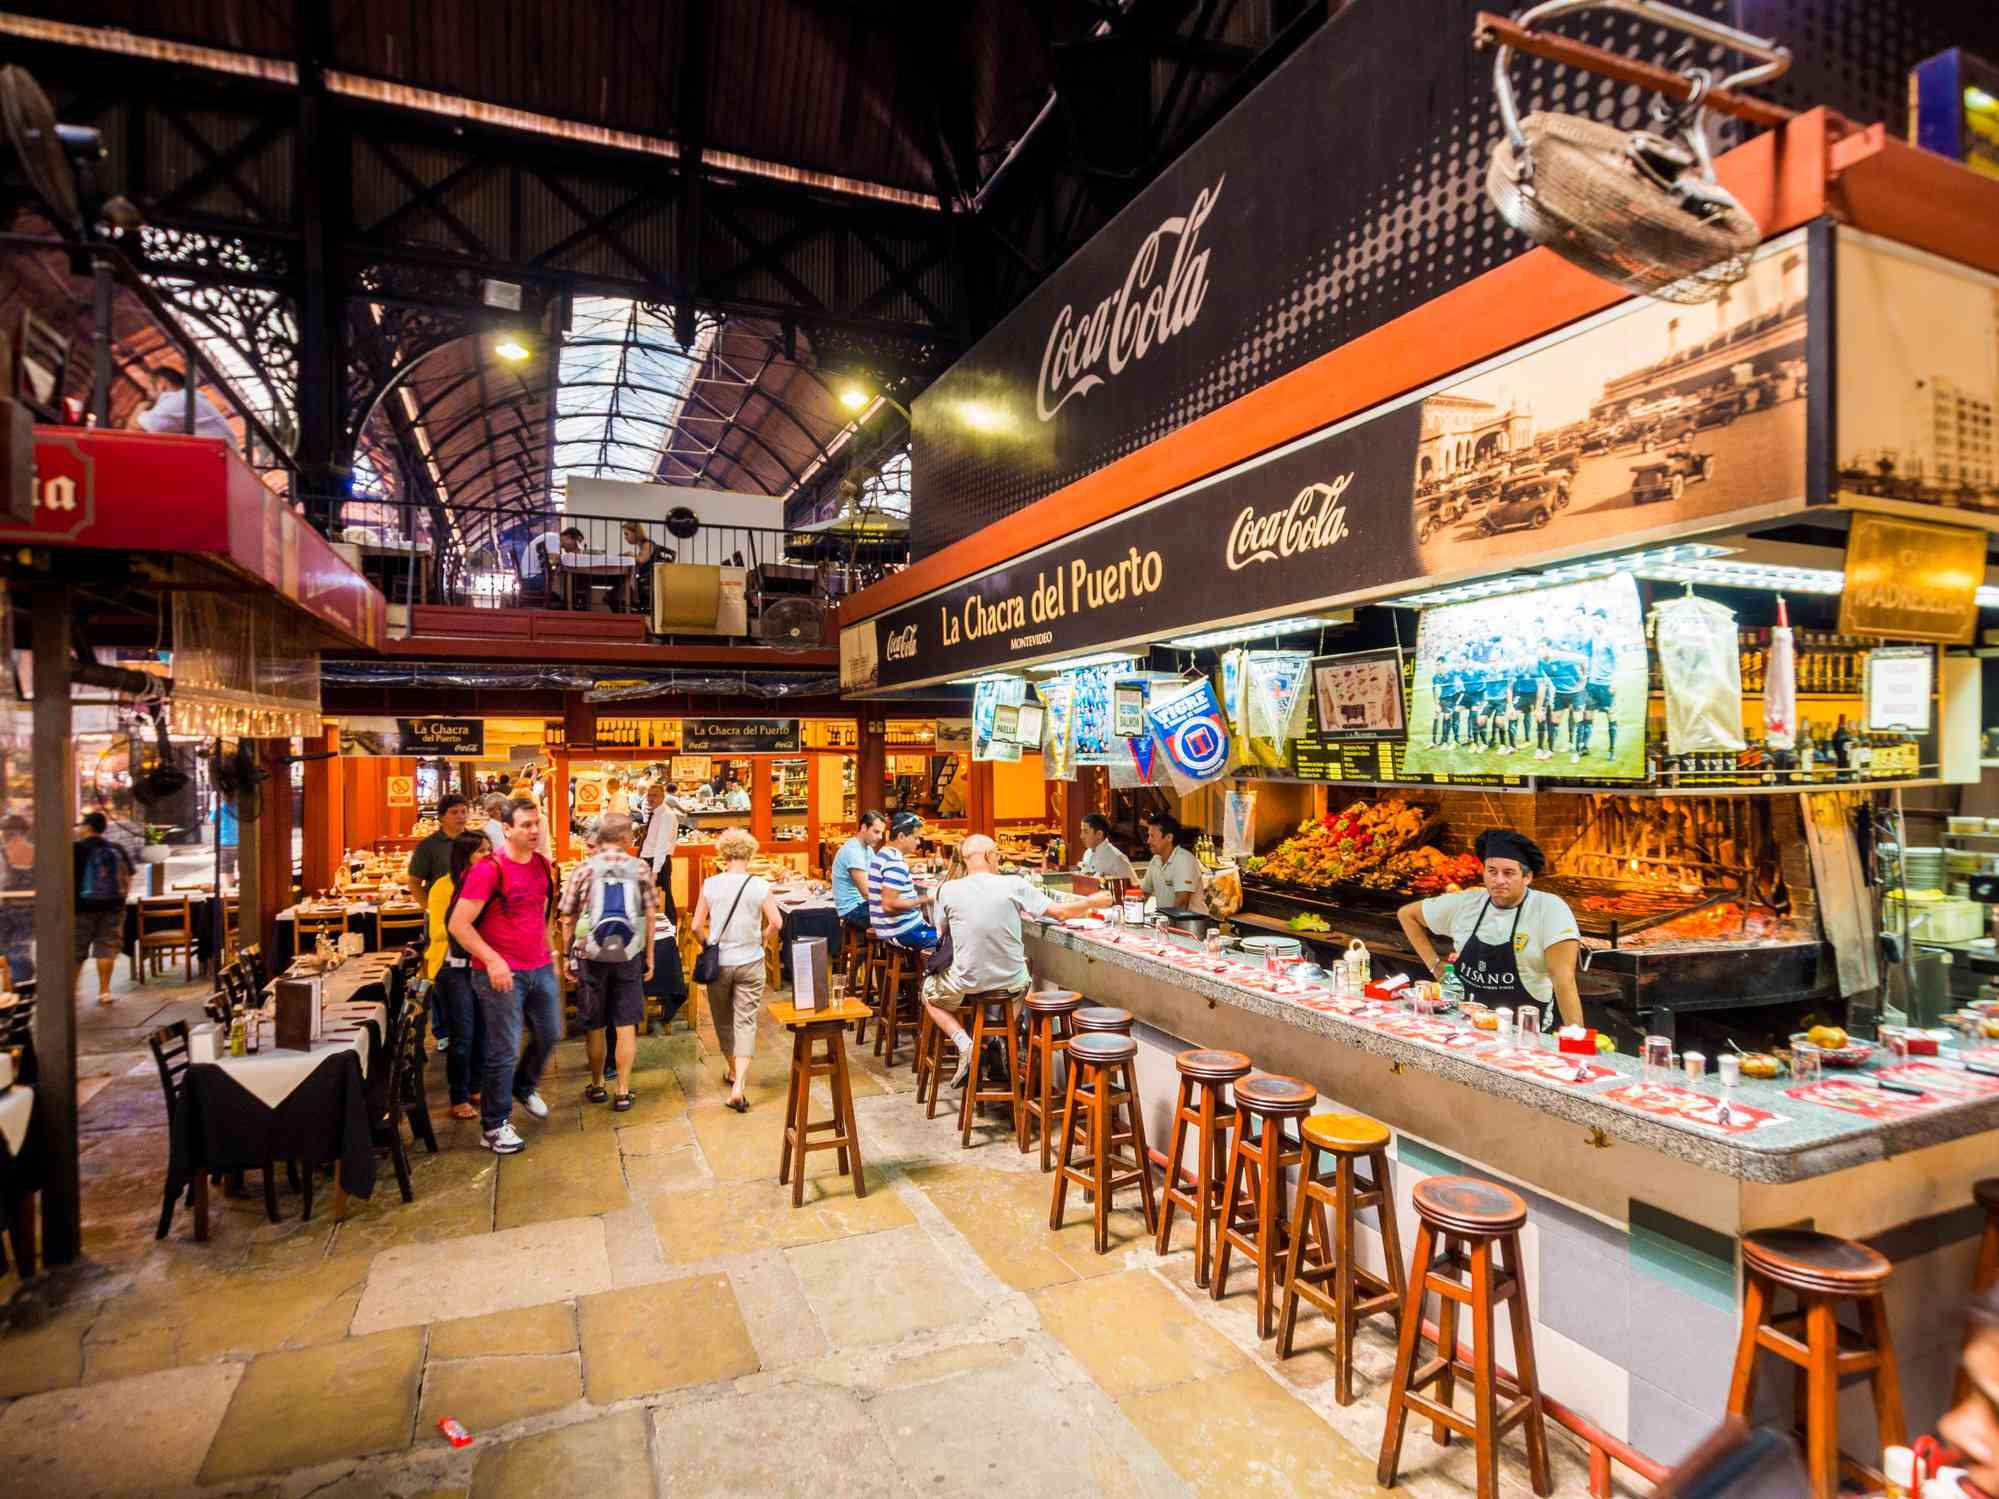 Mercado del Puerto in Montevideo, Uruguay